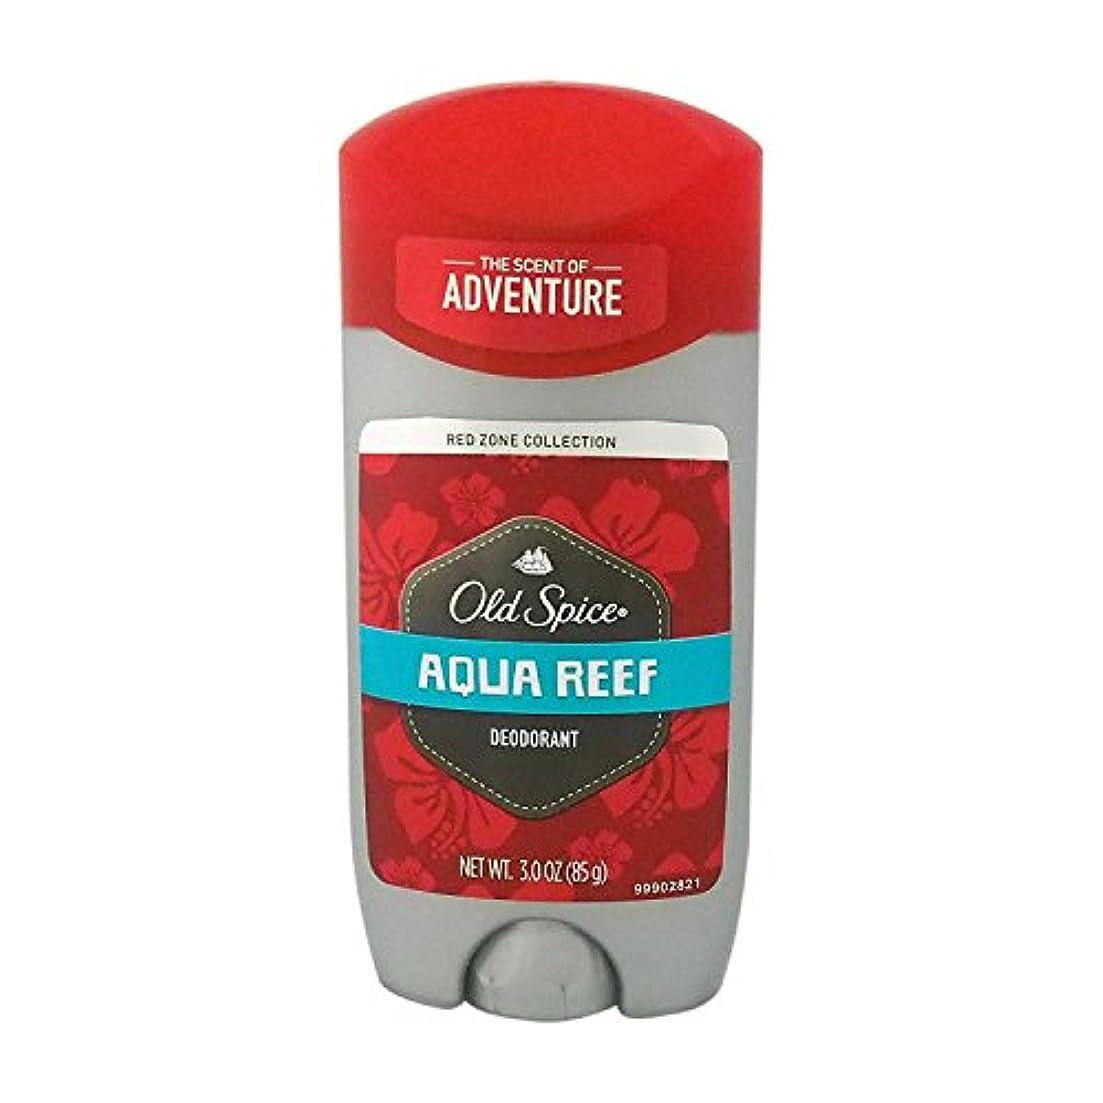 経由ではっきりとに慣れオールドスパイス(Old Spice) RED ZONE COLLECTION アクアリーフ デオドラント 85g[並行輸入品]